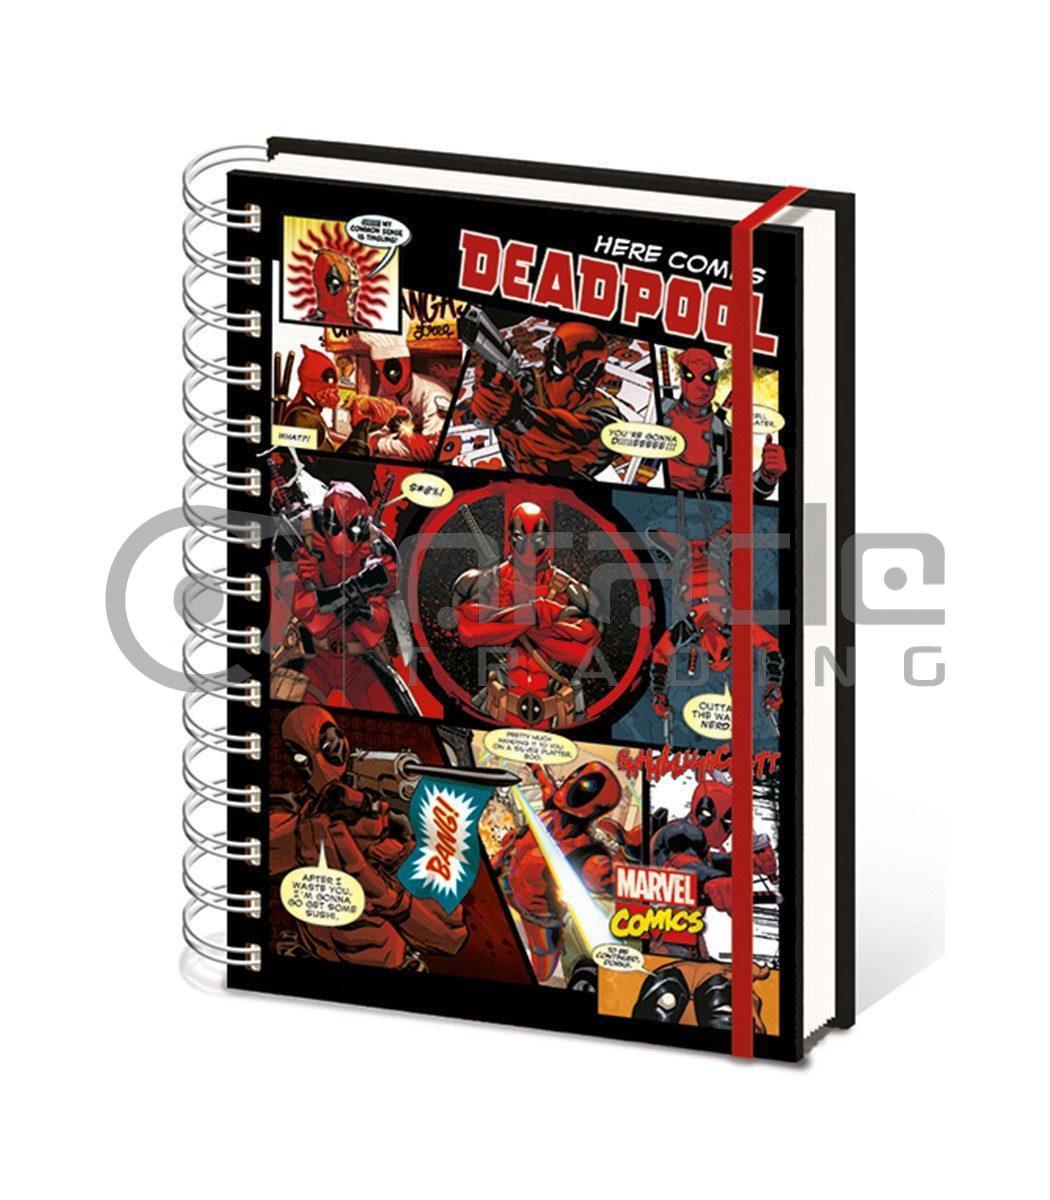 Deadpool Notebook